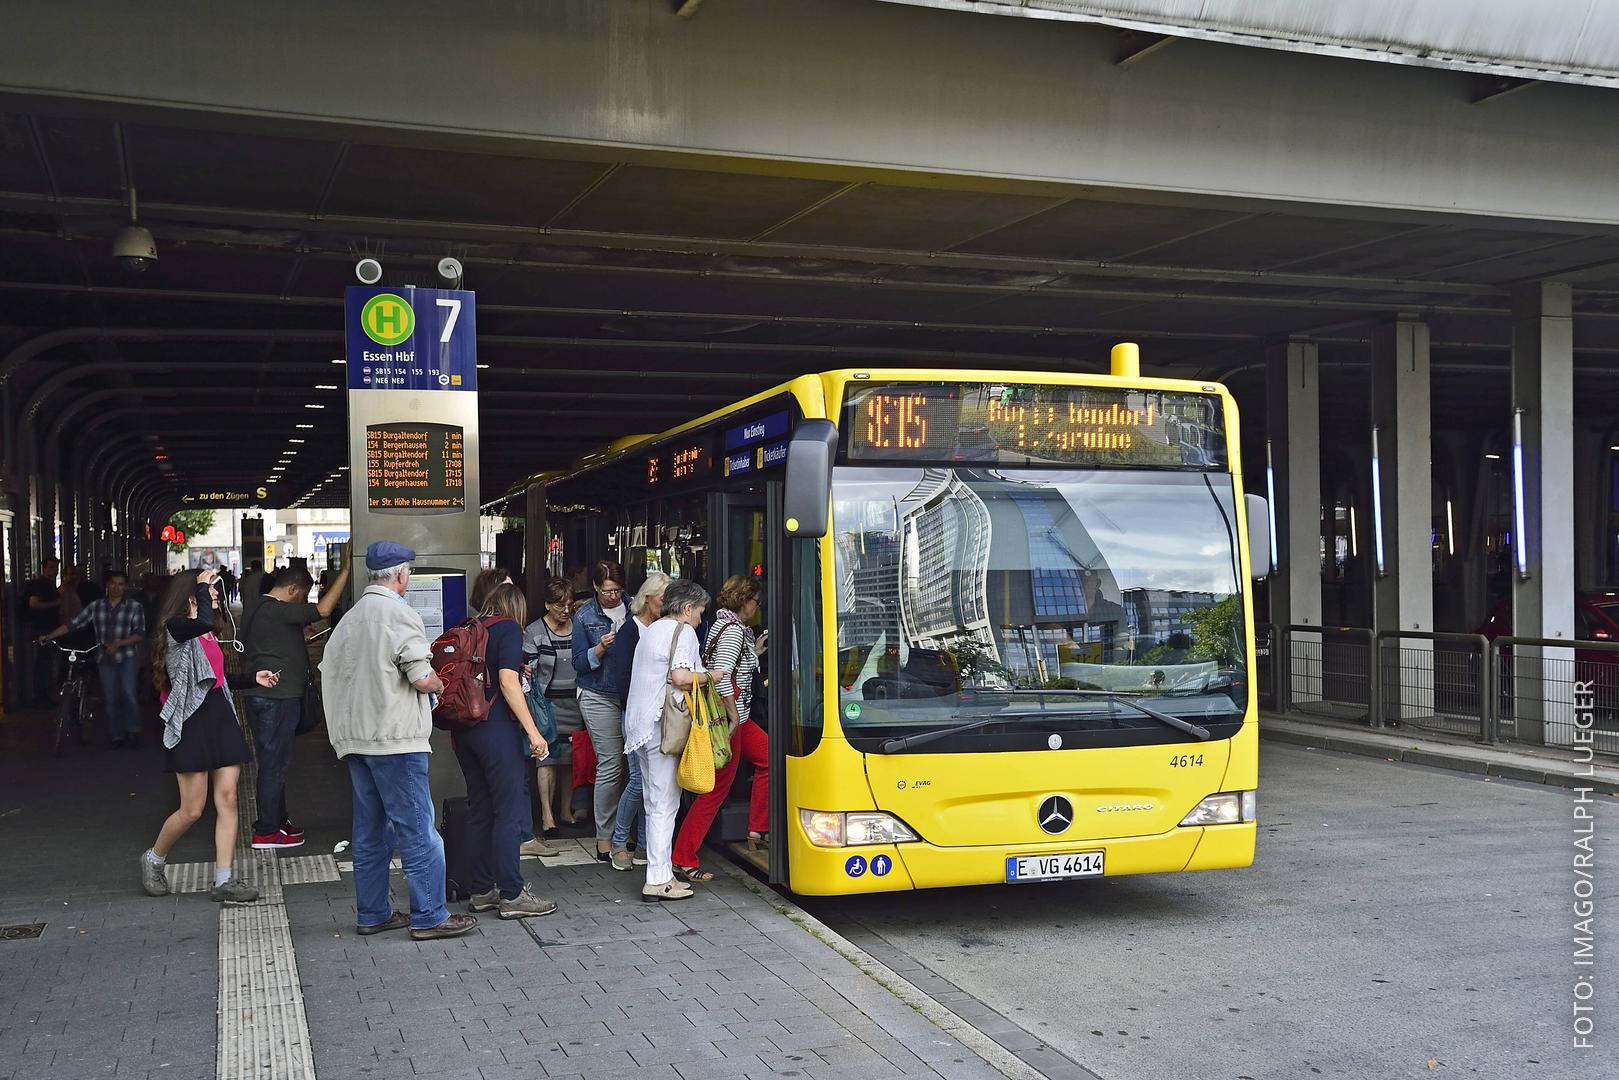 Ein Bus in Essen hält an einer Haletstelle und nimmt Fahrgäste auf.